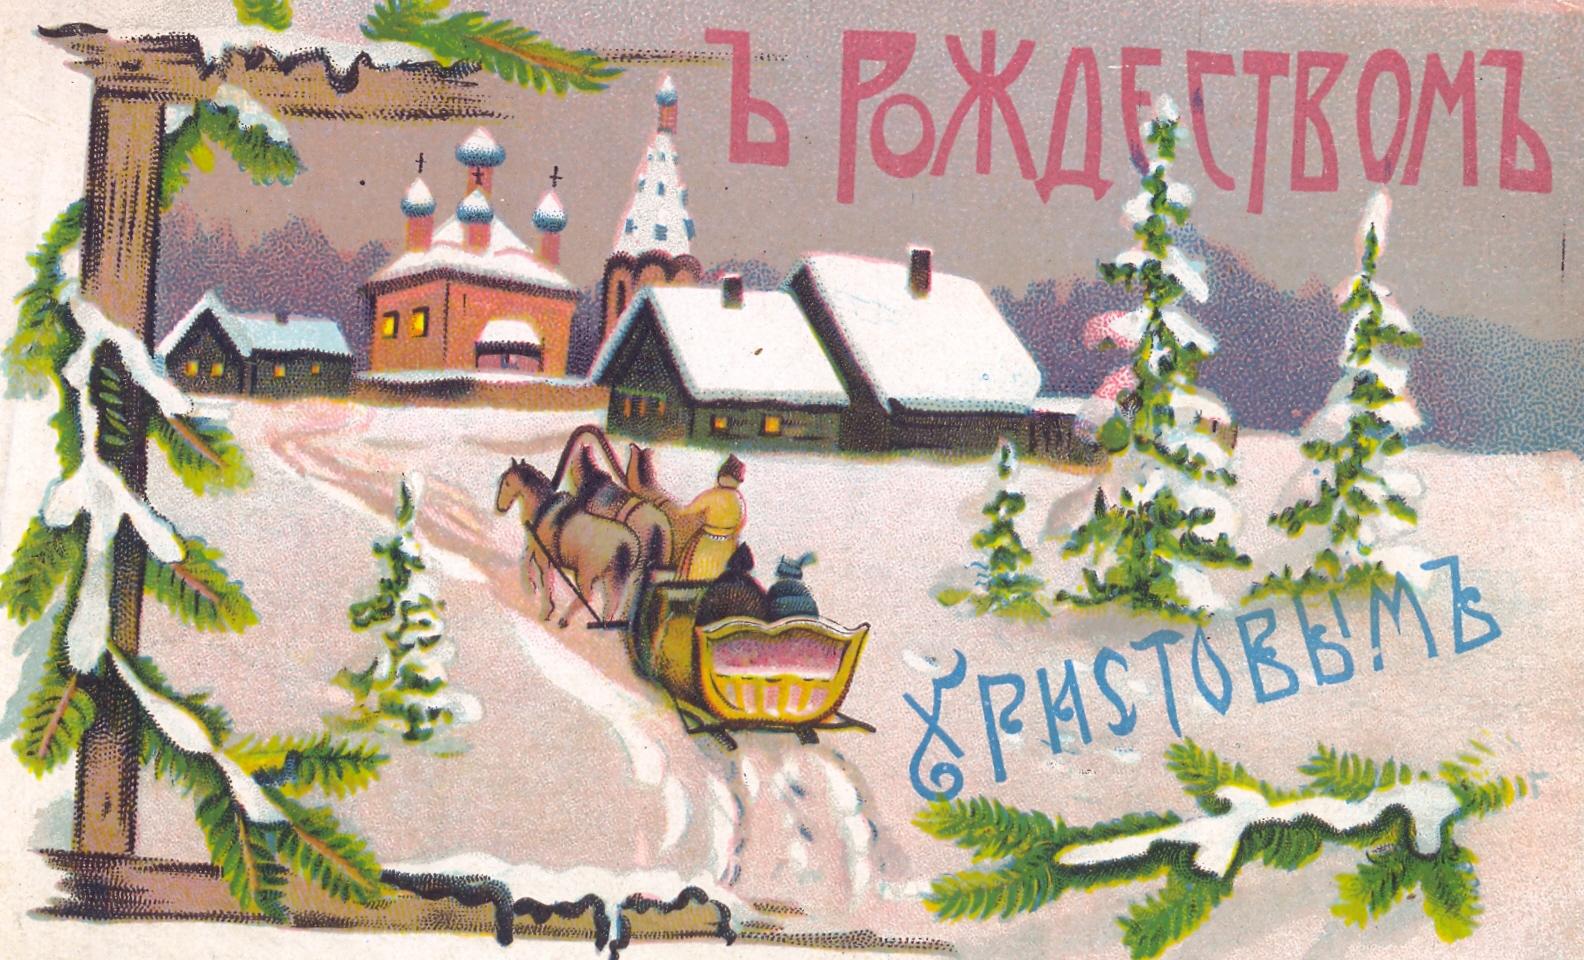 Ziemassvētku un Jaunā gada atklātnes 20. gadsimta sākumā